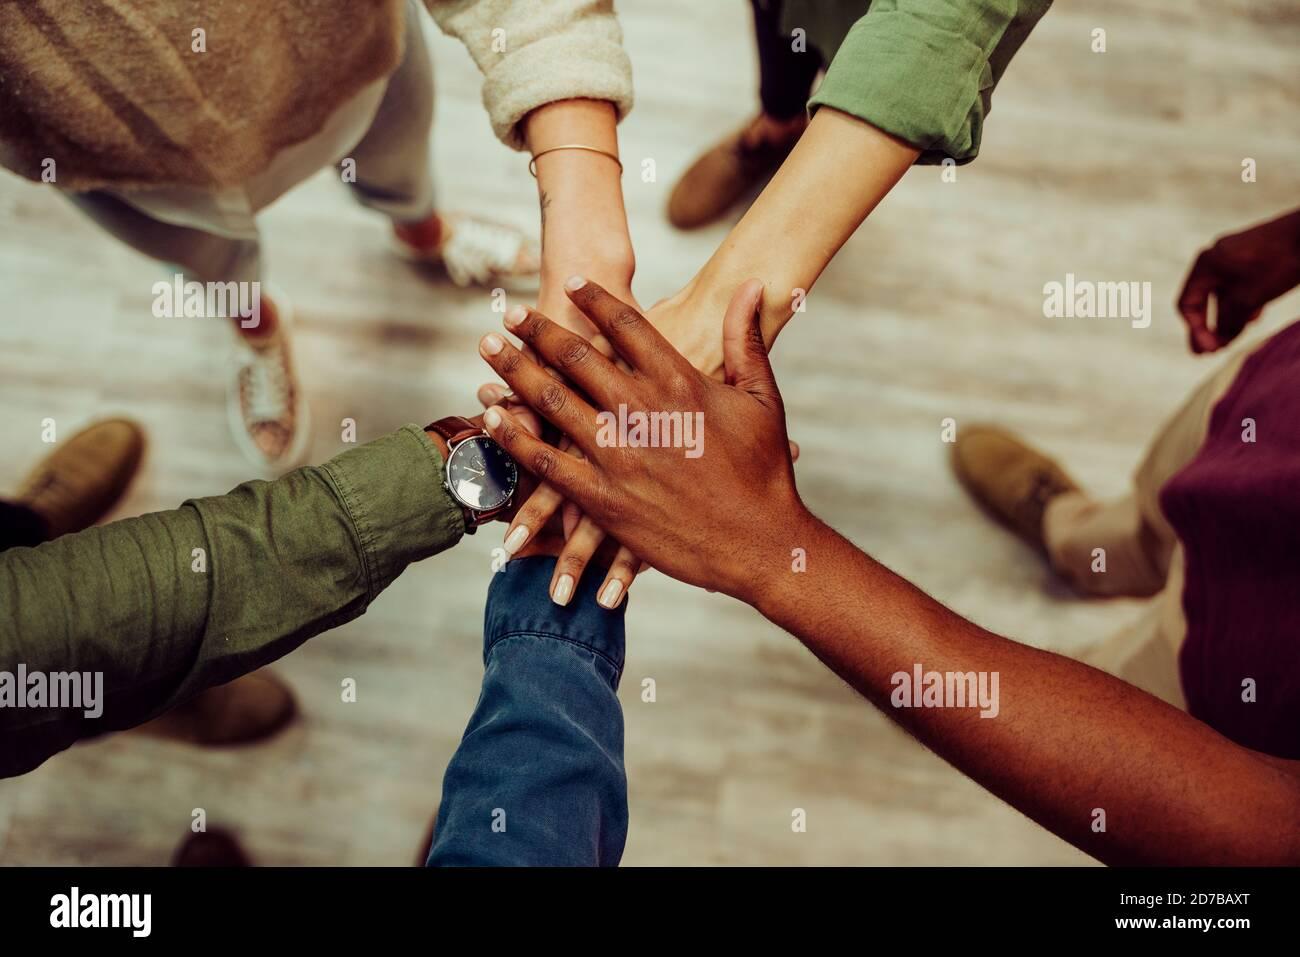 Erfolgreiche Business Group Hände gestapelt zusammen zeigen Einheit und Teamarbeit. Stockfoto